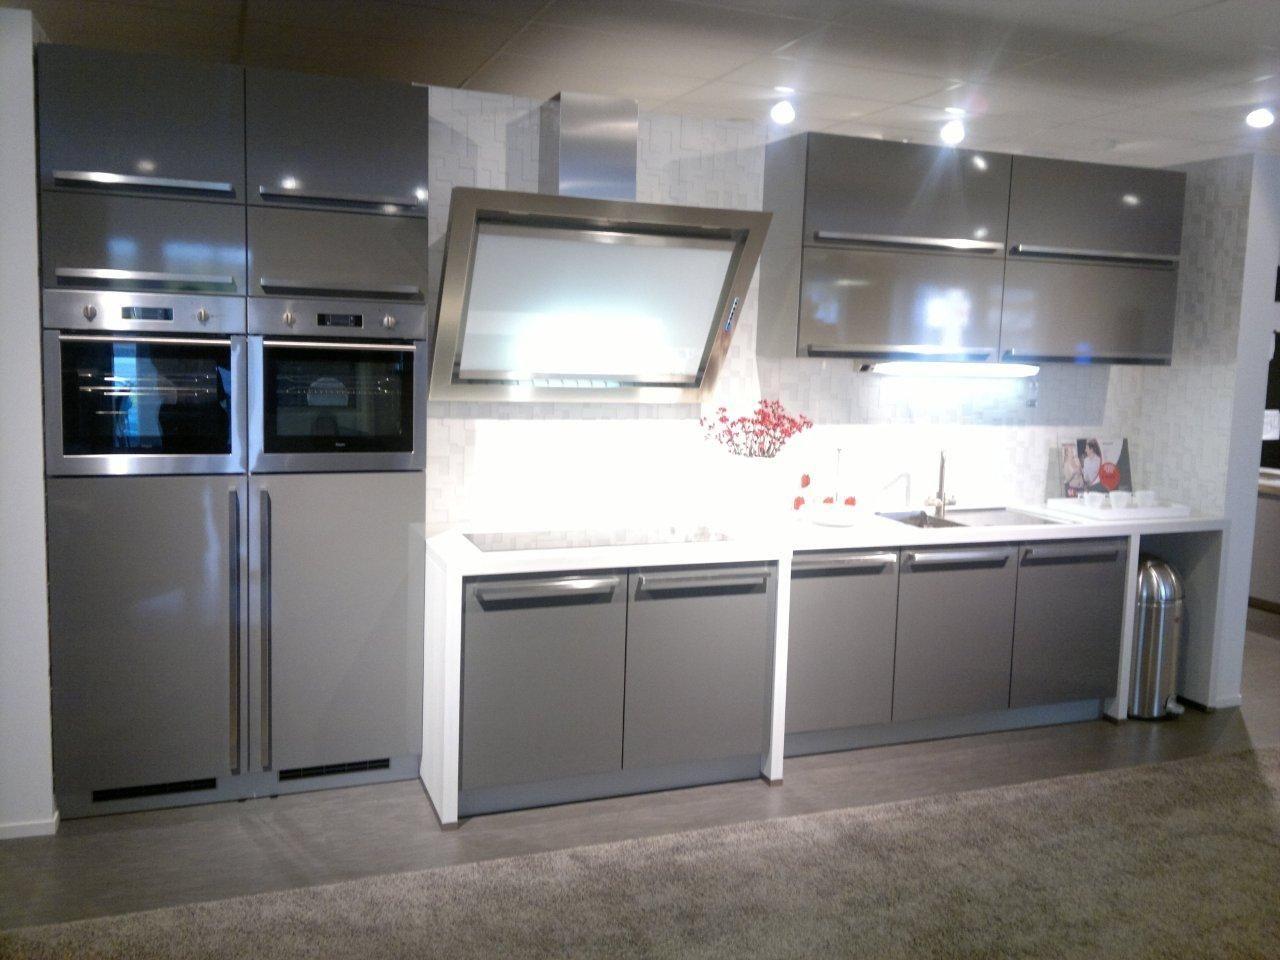 De voordeligste woonwinkel van nederland moderne design keuken 45023 - Modele en ingerichte keuken ...